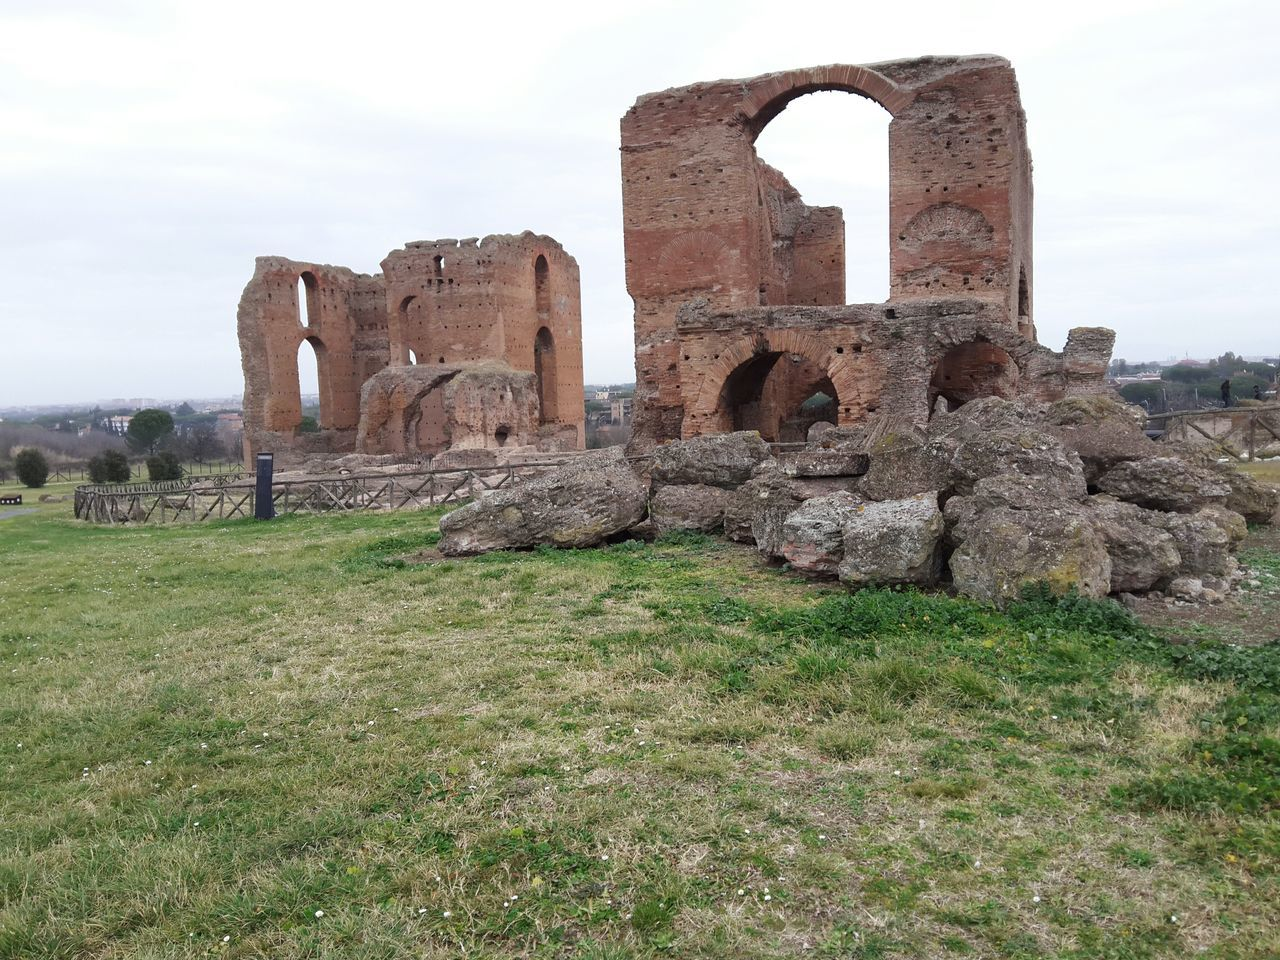 Villa Dei Quintili ArcheologicSite Roman Empire Roma, Italy